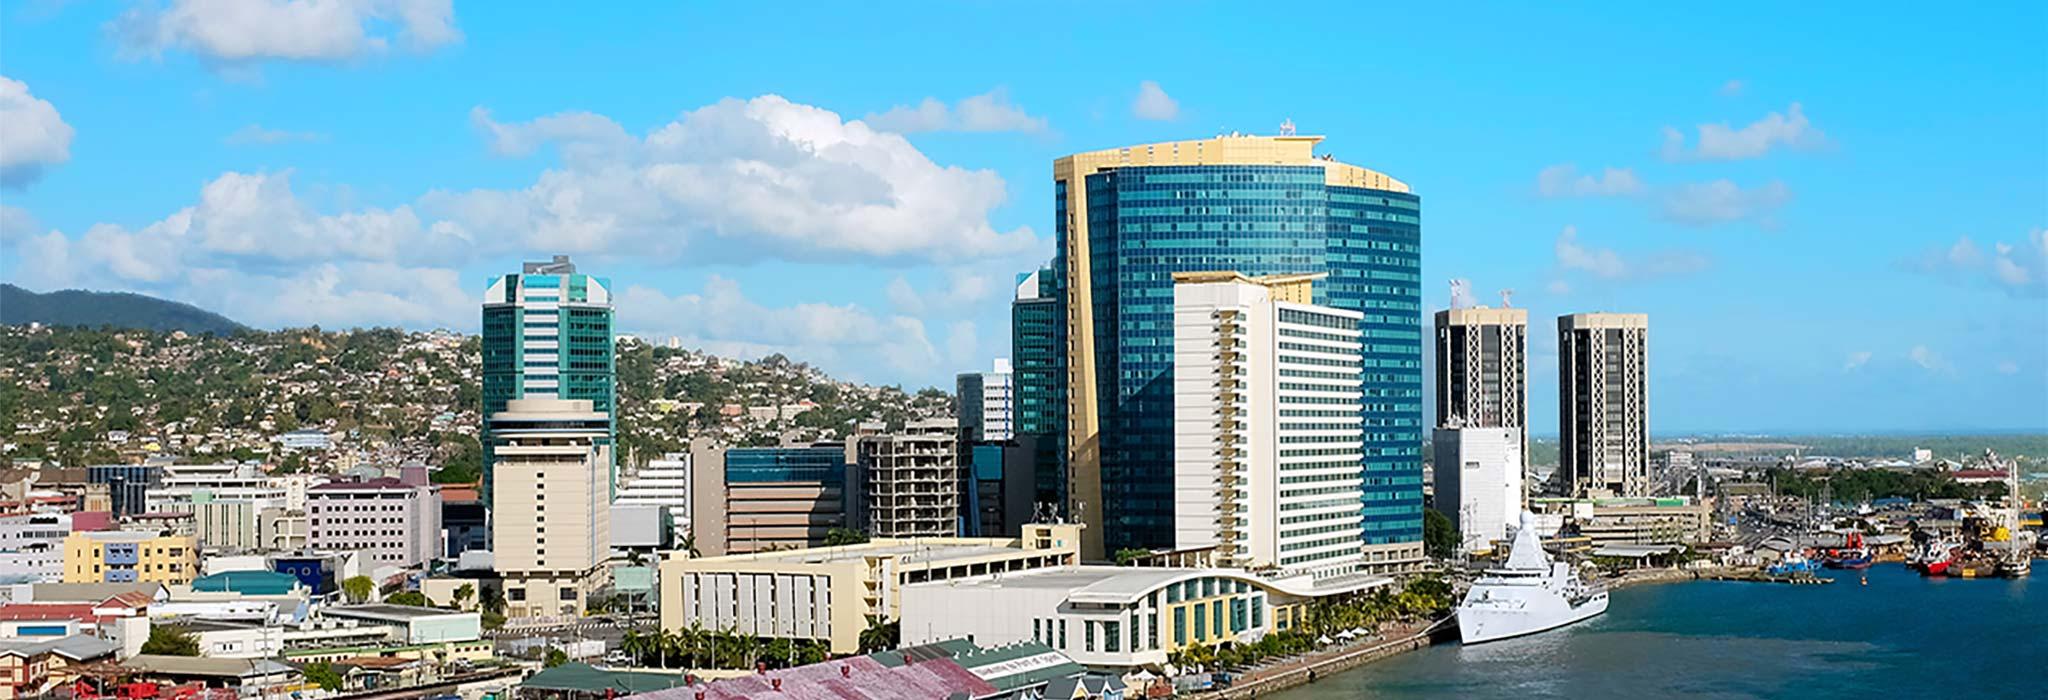 Trinidad City View